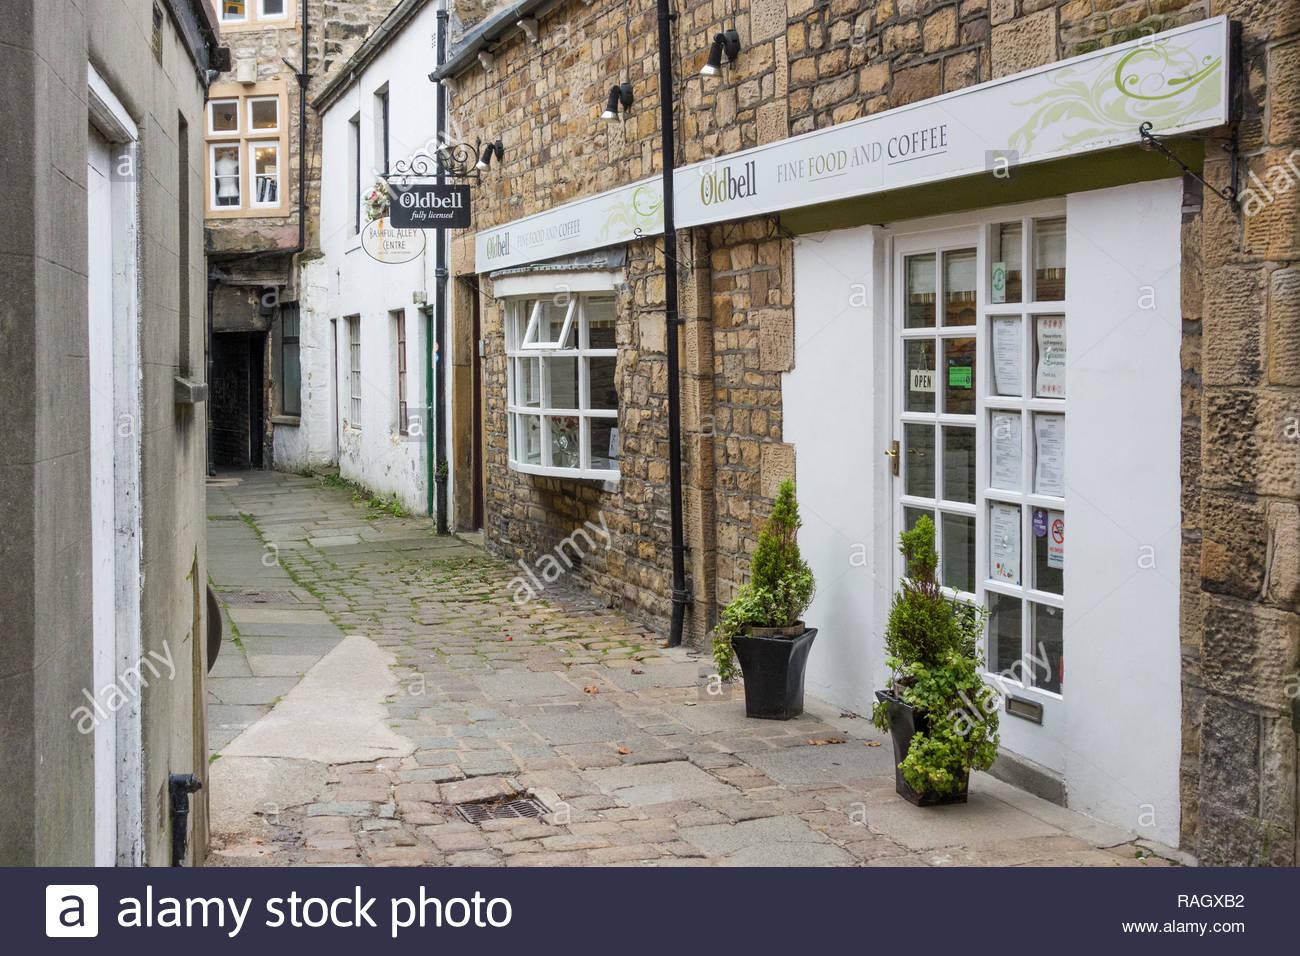 La antigua campana , una tradicional cafetería independiente en reacio Alley, Lancaster, Inglaterra, Reino Unido, entre Market Street y King Street. Imagen De Stock